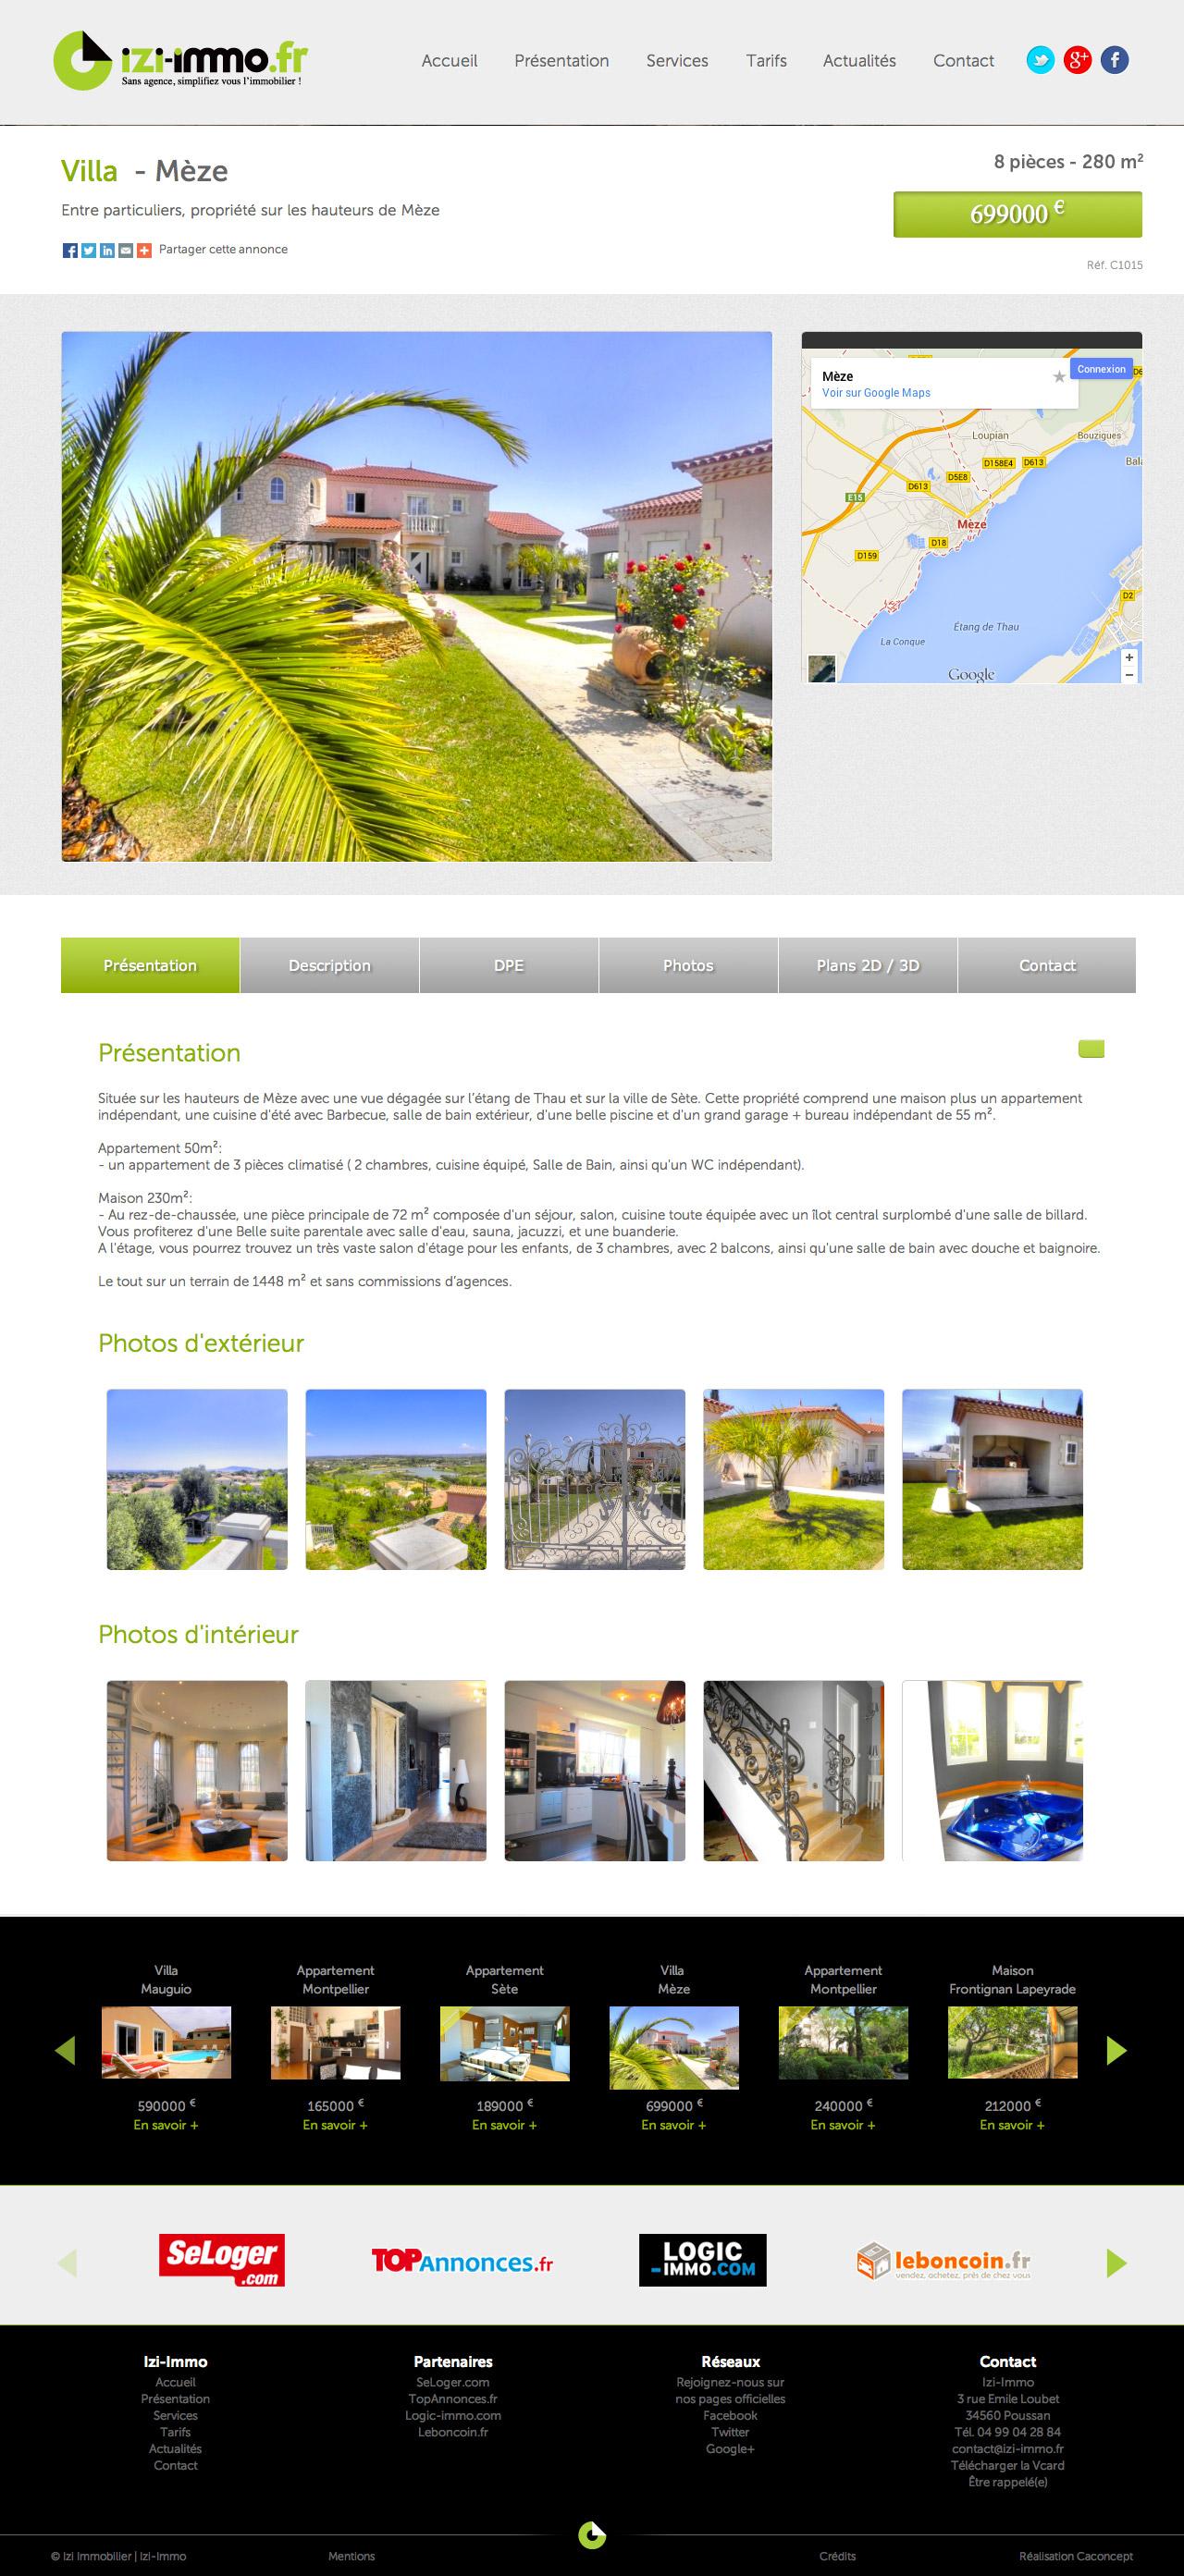 izi-immobilier-site-internet-annonce-focus-creation-communication-caconcept-alexis-cretin-graphiste